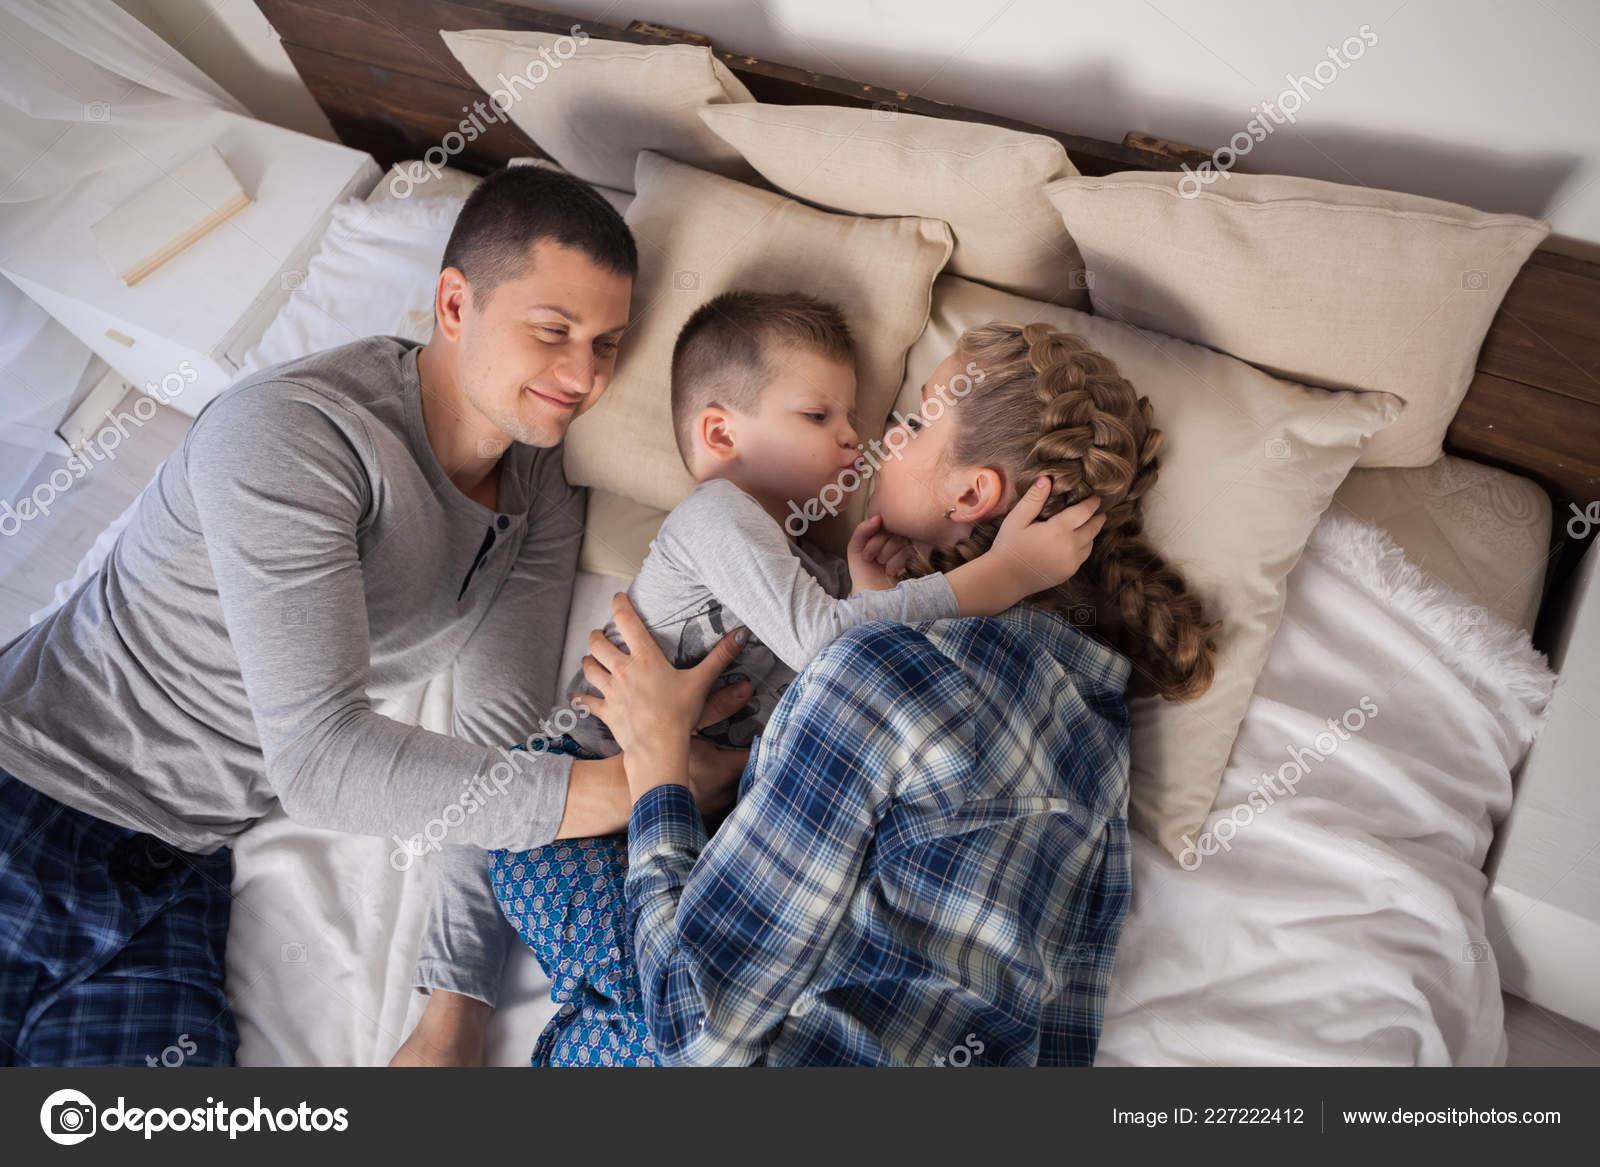 Секс мамы с сыном в спальне, Реальное русское онлайн видео секса матери с сыном 23 фотография